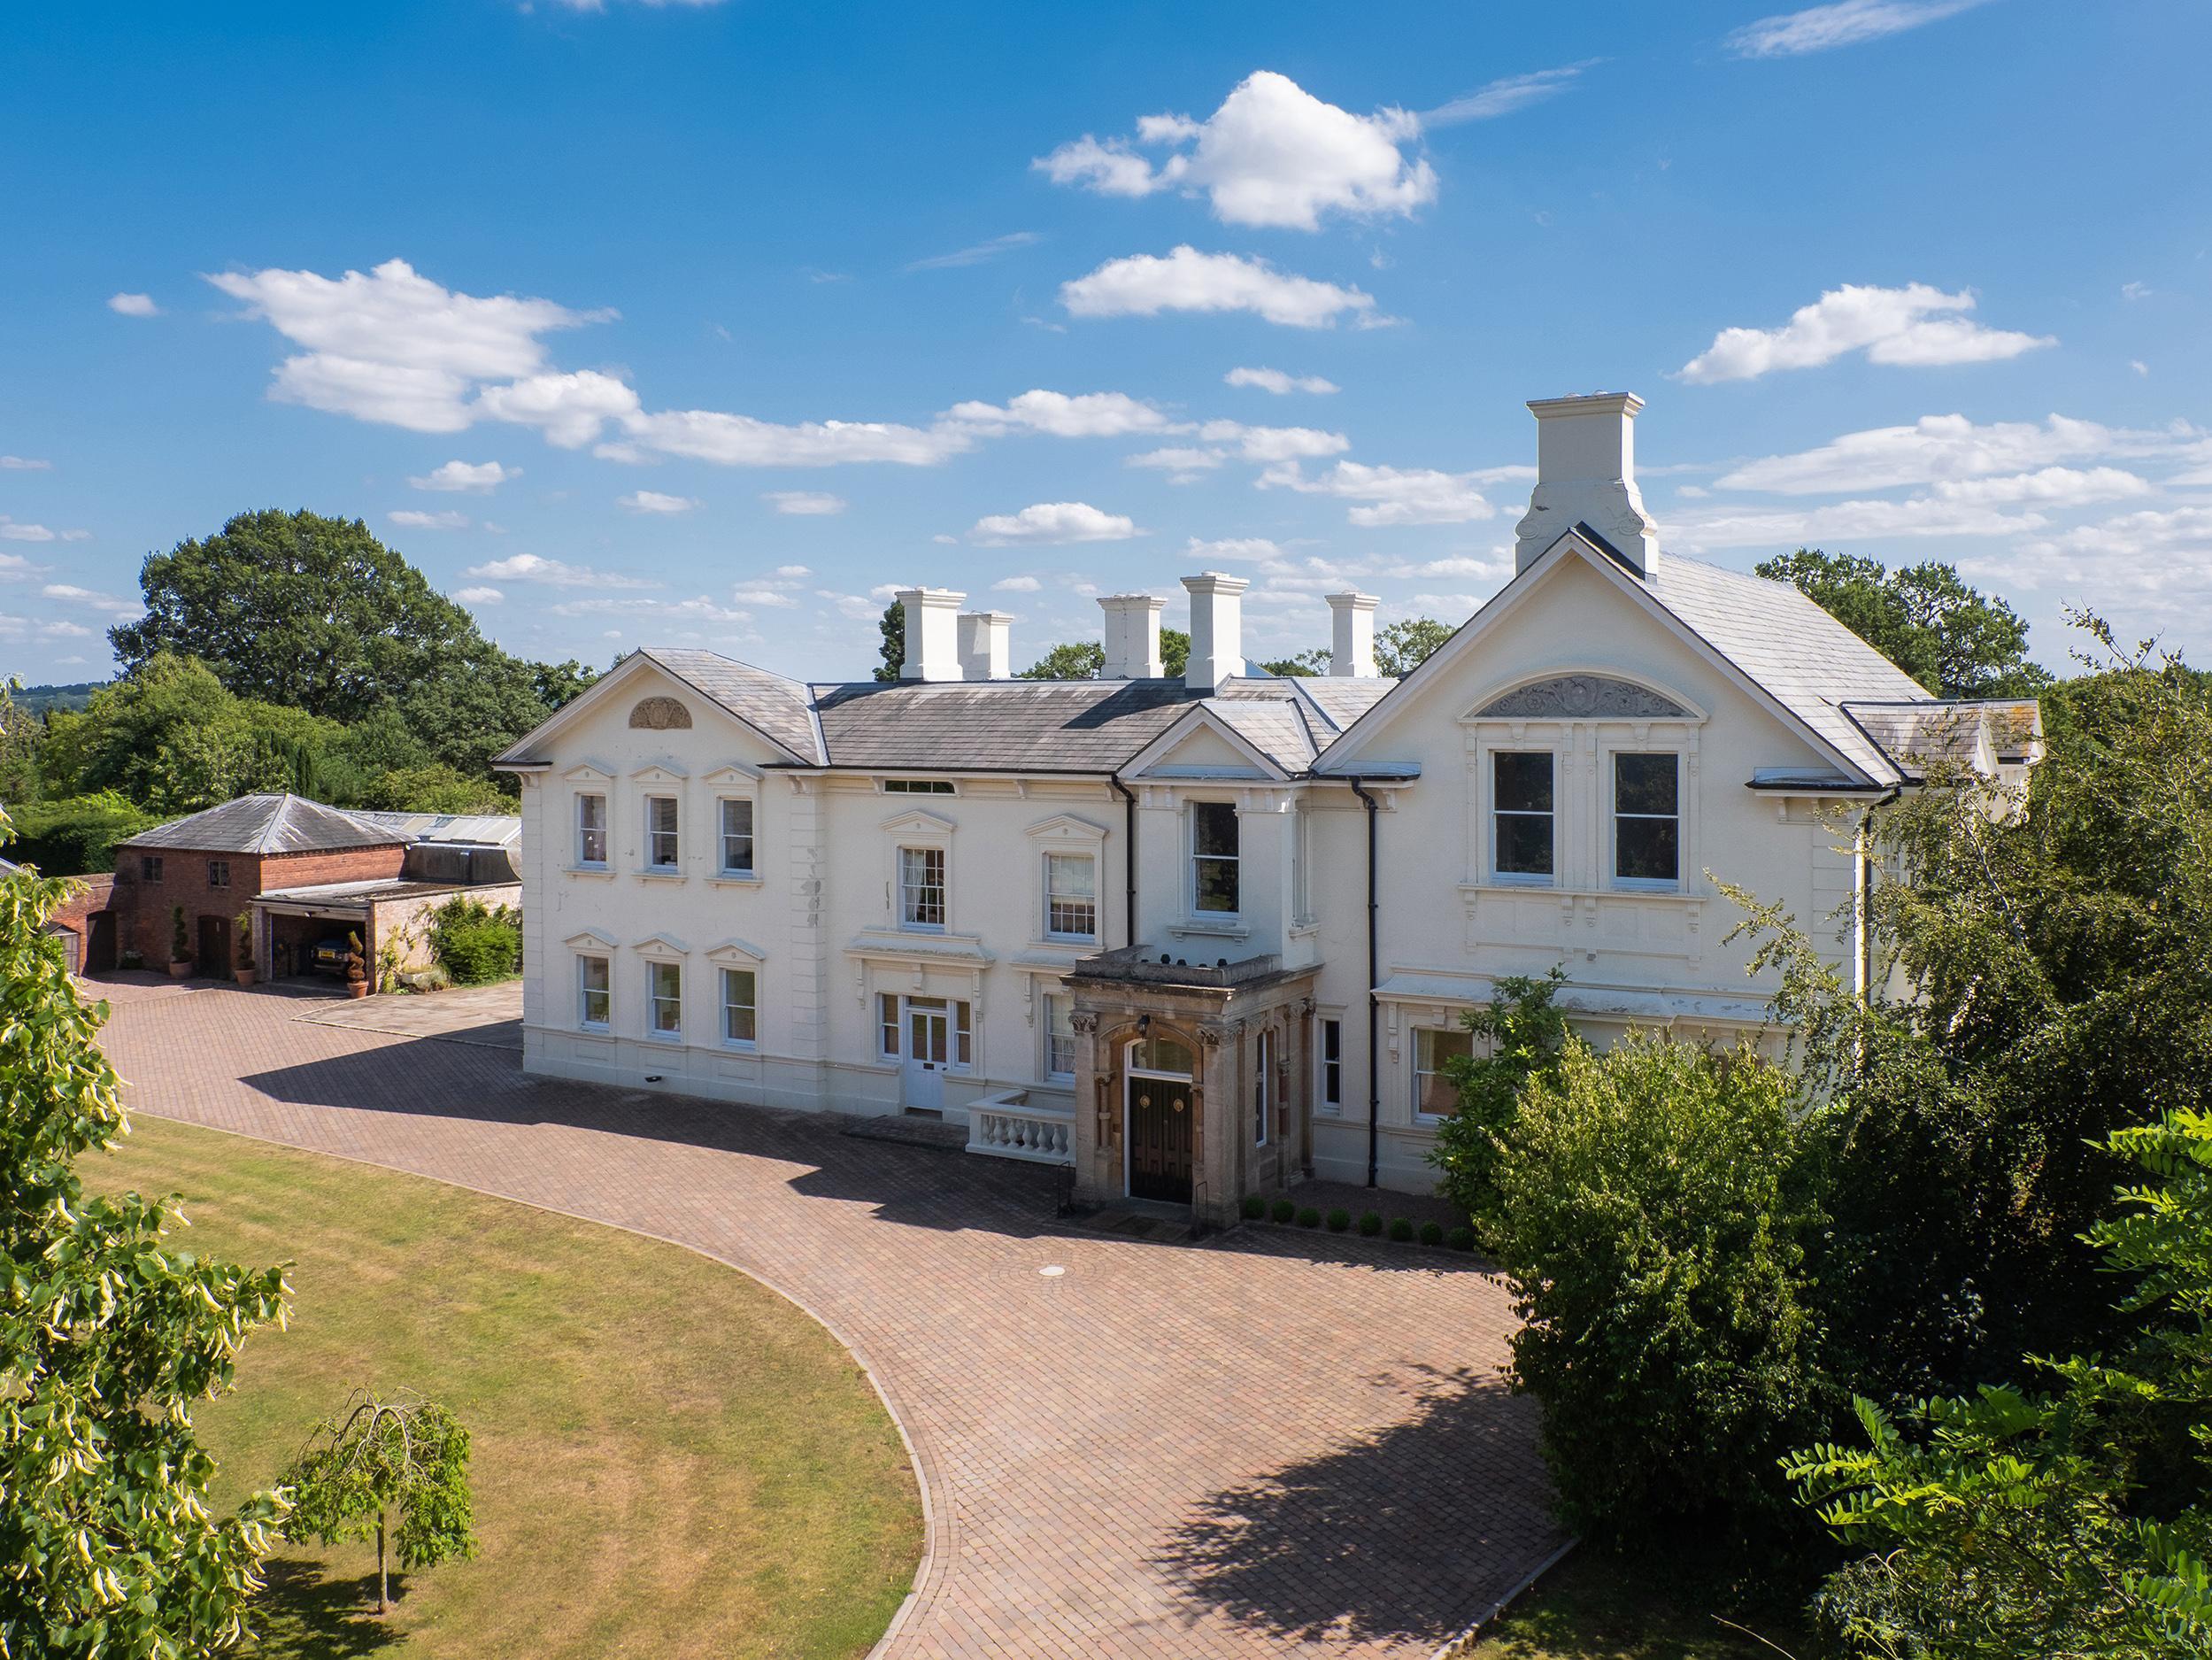 Oakhampton House